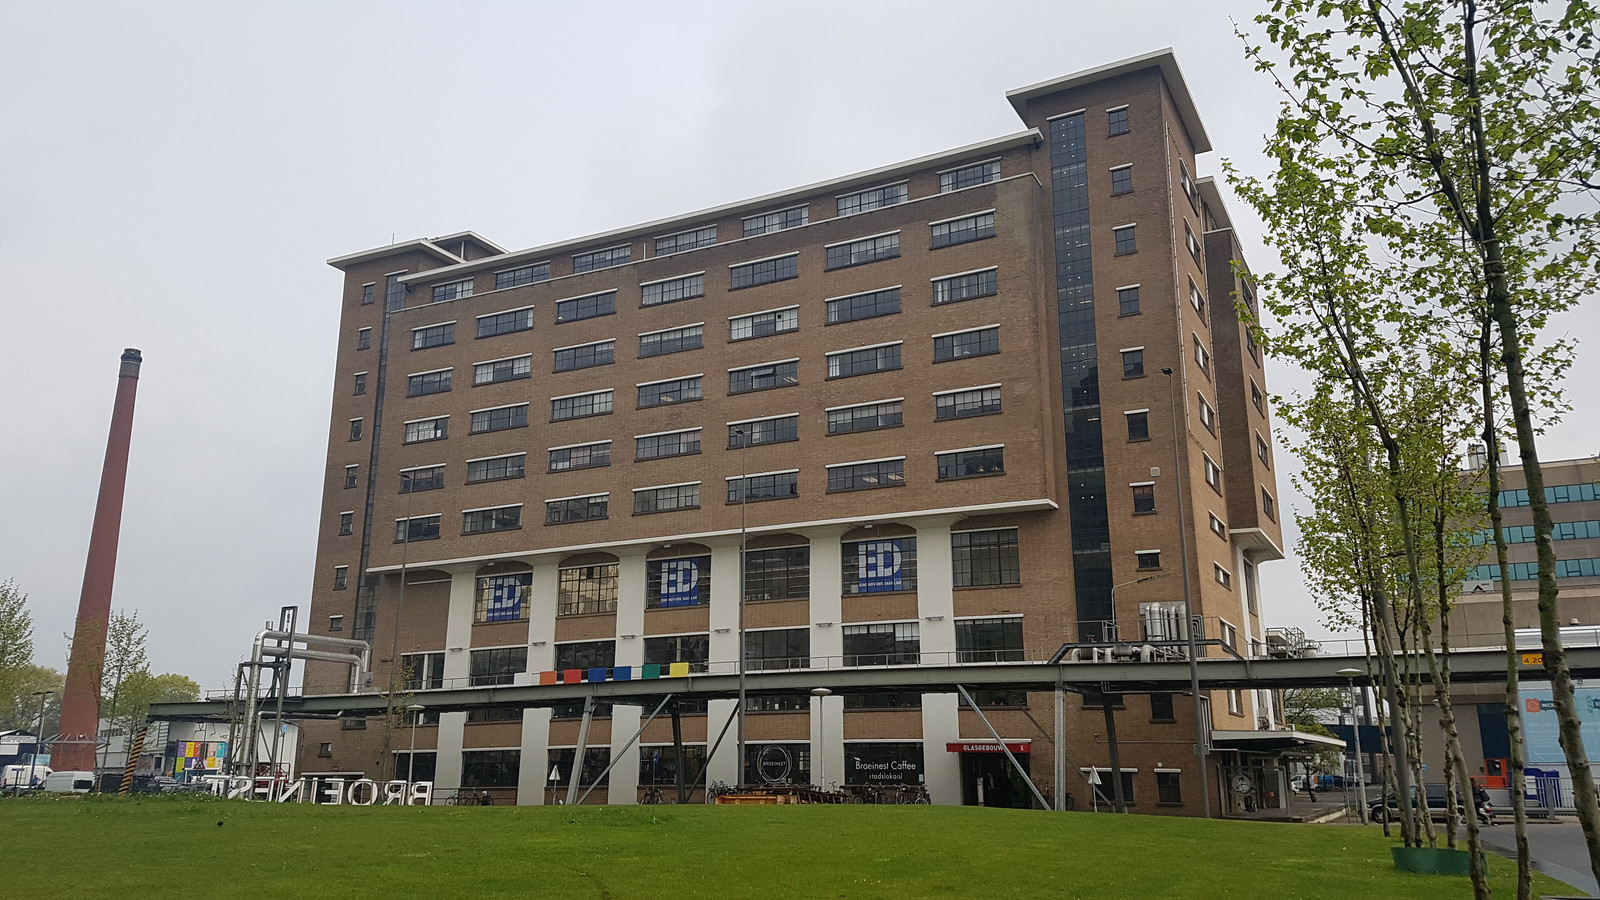 Het Glasgebouw op Strijp-S in Eindhoven. De ED-redactie zit op de tweede verdieping.